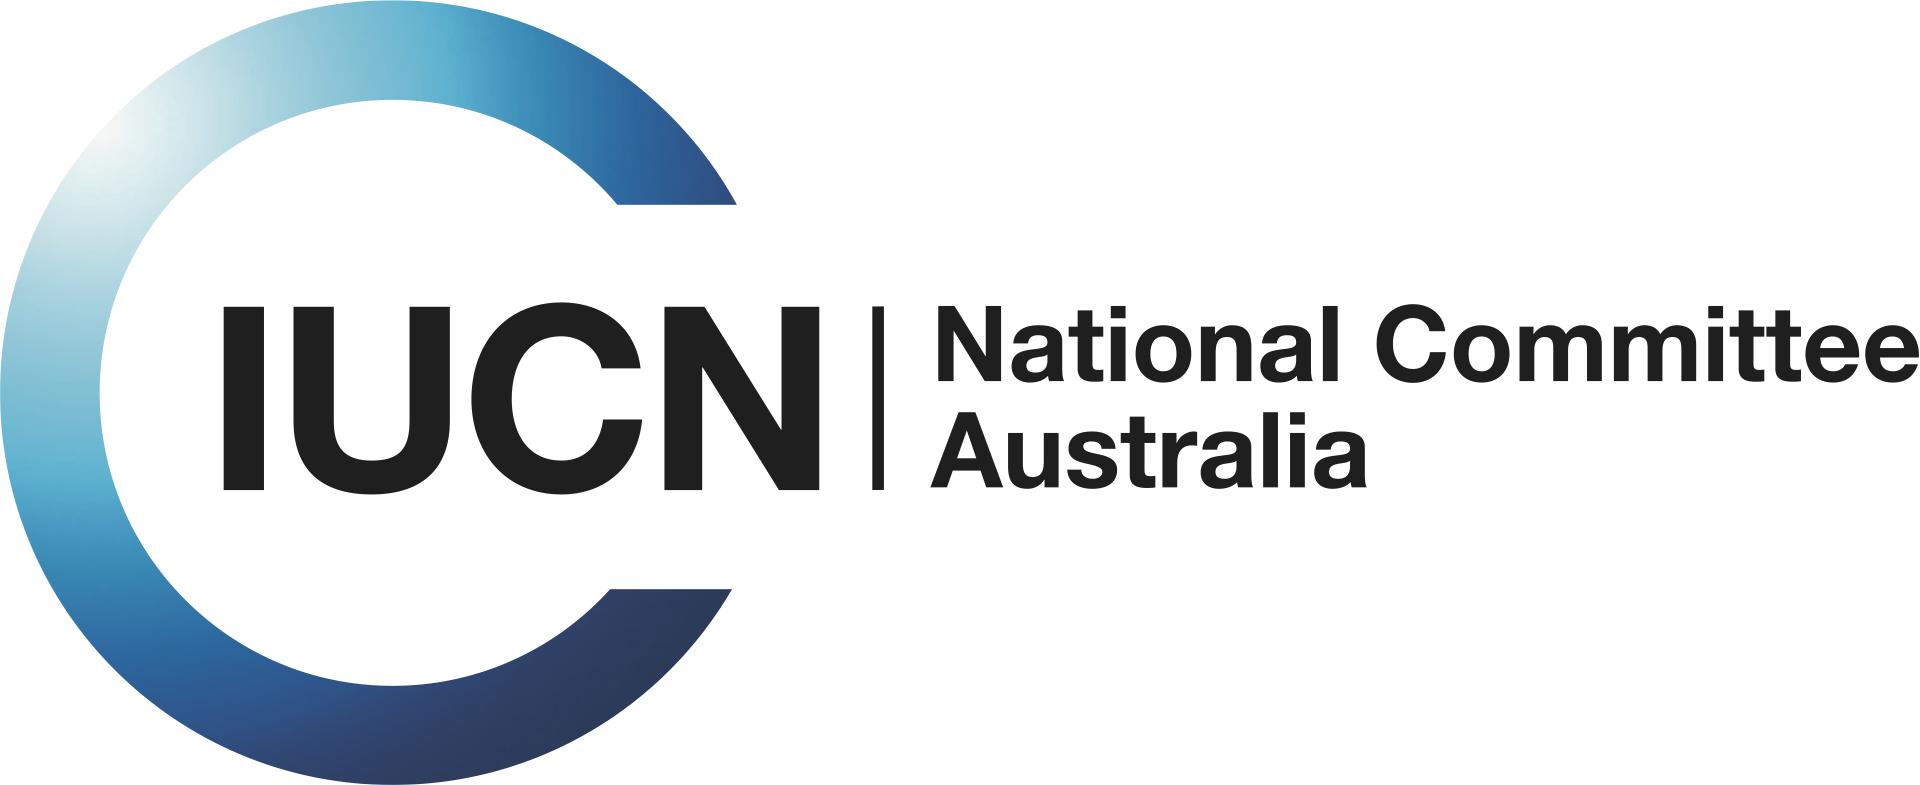 IUCN Australia.png